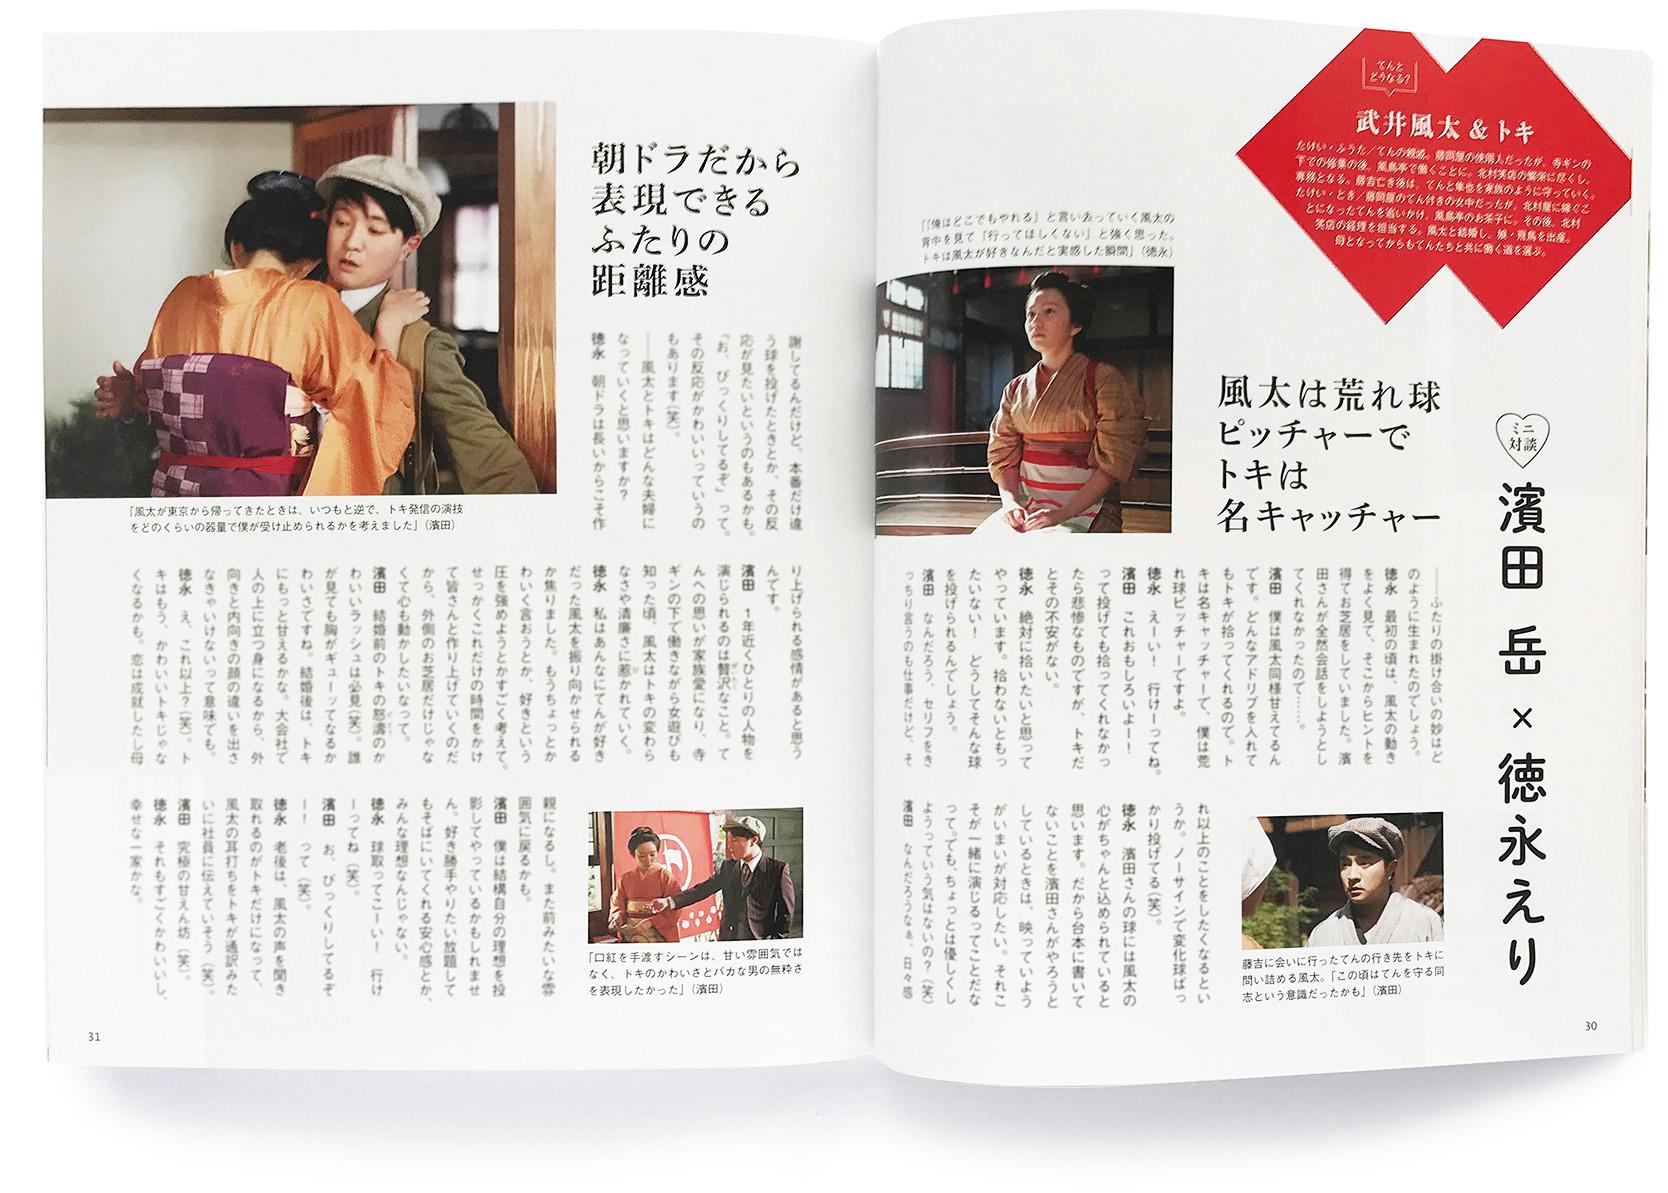 NHKドラマ・ガイド『連続テレビ小説 わろてんか』 2